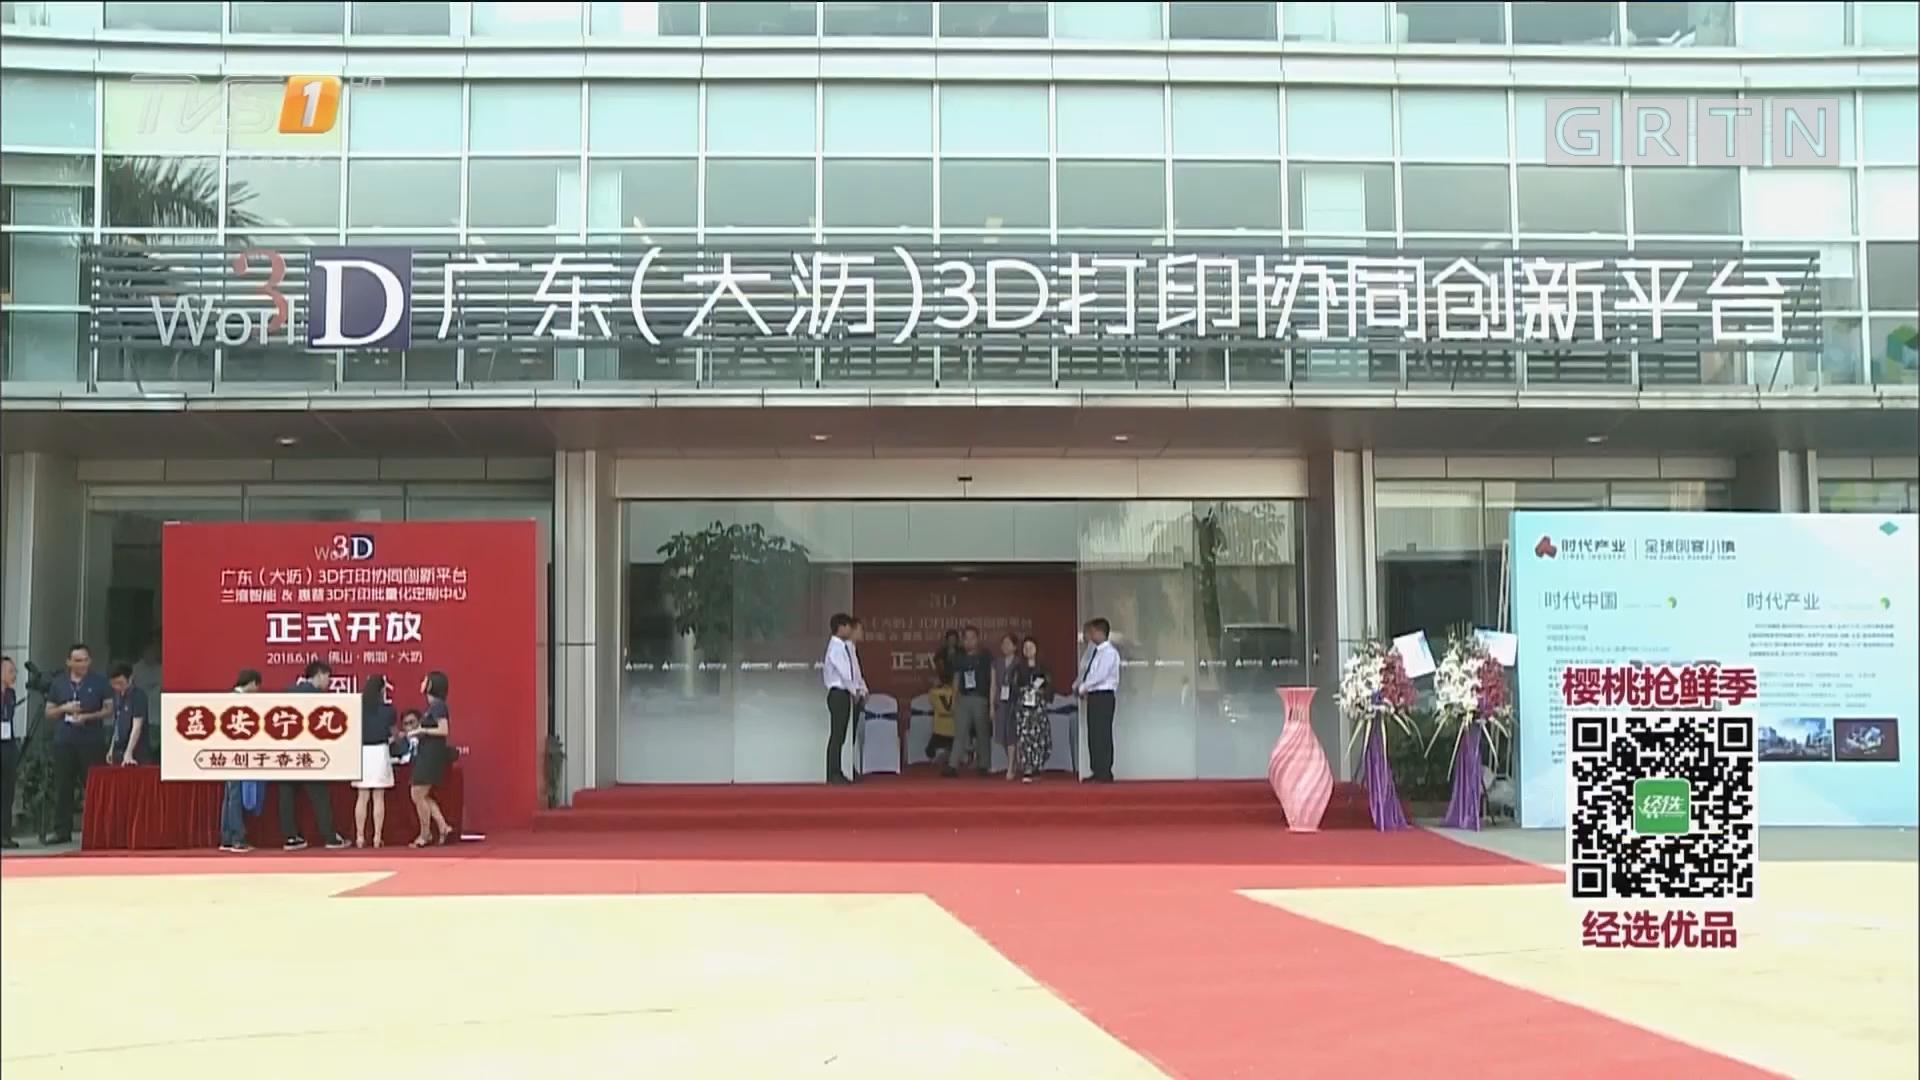 【财经大视野】:全球首个3D打印批量化定制中心落户广东佛山